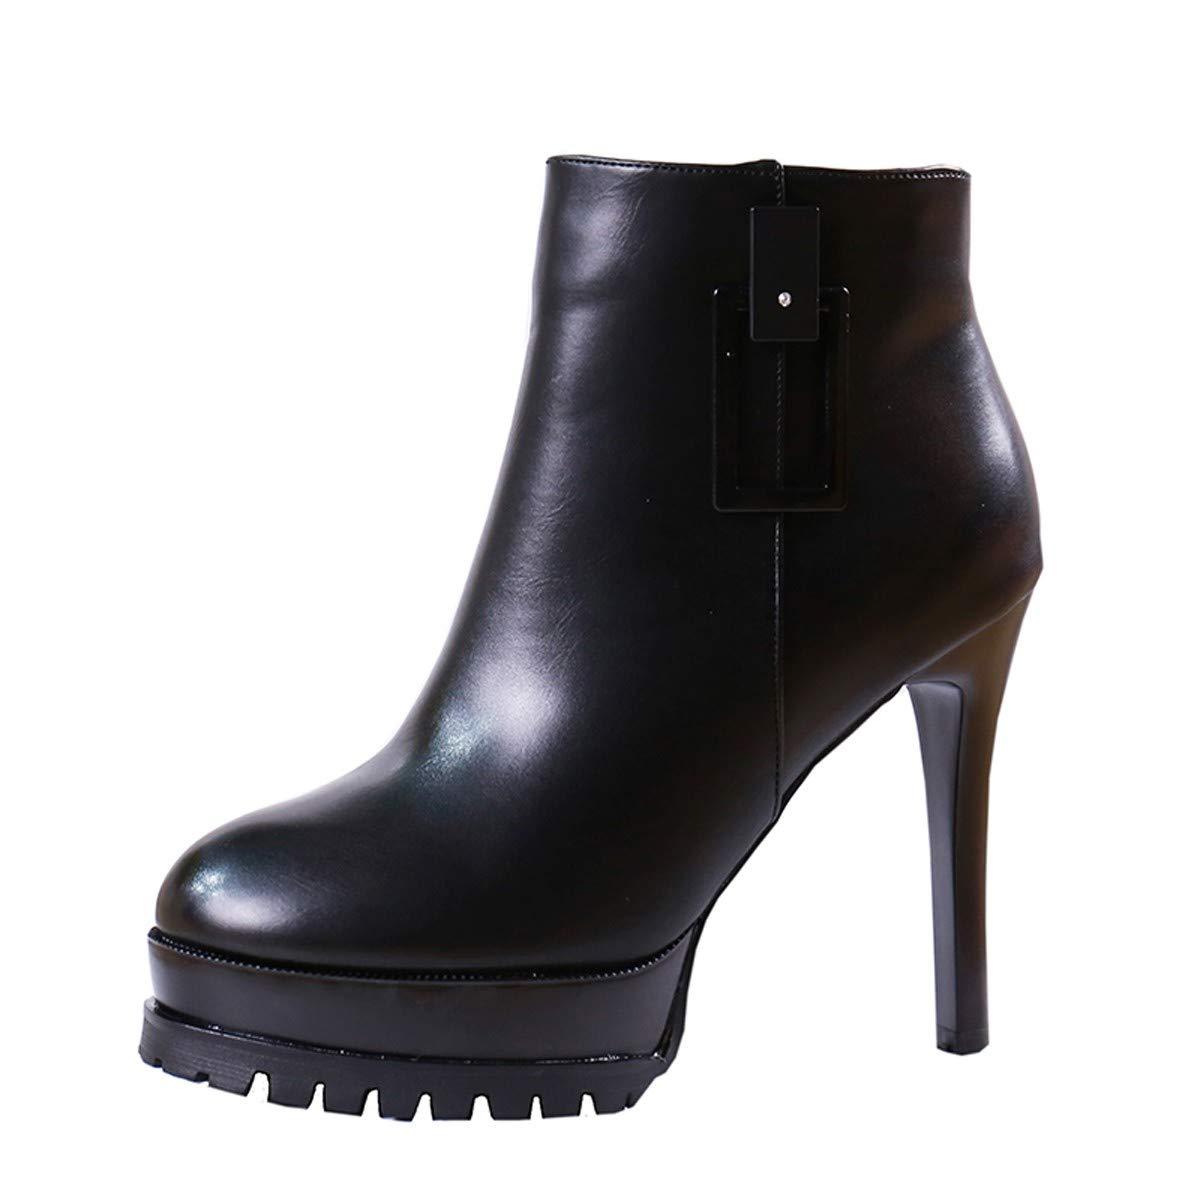 LBTSQ-Trendy Wasserdichte Plattform Martin Stiefel 11Cm Kurze Stiefel Runden Kopf Dünnen Absätzen Schuhe Mit Hohen Absätzen.